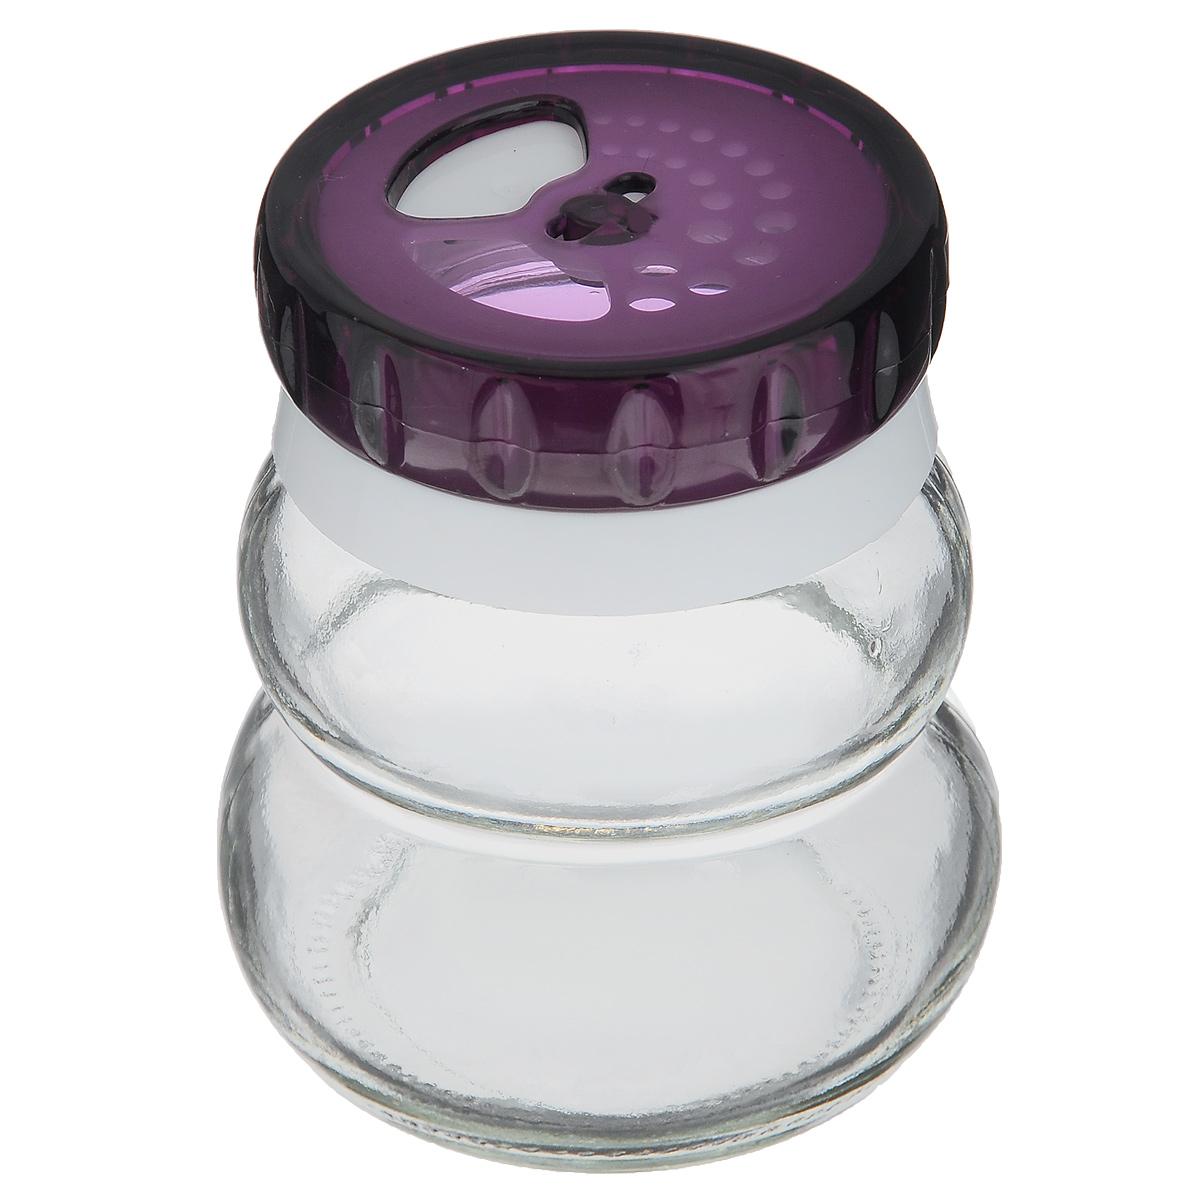 Банка для специй Herevin, цвет: фиолетовый, 200 мл131007-000_фиолетовыйБанка для специй Herevin выполнена из прозрачного стекла и оснащена пластиковой цветной крышкой с отверстиями разного размера, благодаря которым, вы сможете приправить блюда, просто перевернув банку. Крышка снабжена поворотным механизмом, благодаря которому вы сможете регулировать степень подачи специй. Крышка легко откручивается, благодаря чему засыпать приправу внутрь очень просто. Такая баночка станет достойным дополнением к вашему кухонному инвентарю. Можно мыть в посудомоечной машине.Объем: 200 мл.Диаметр (по верхнему краю): 4 см.Высота банки (без учета крышки): 7,5 см.